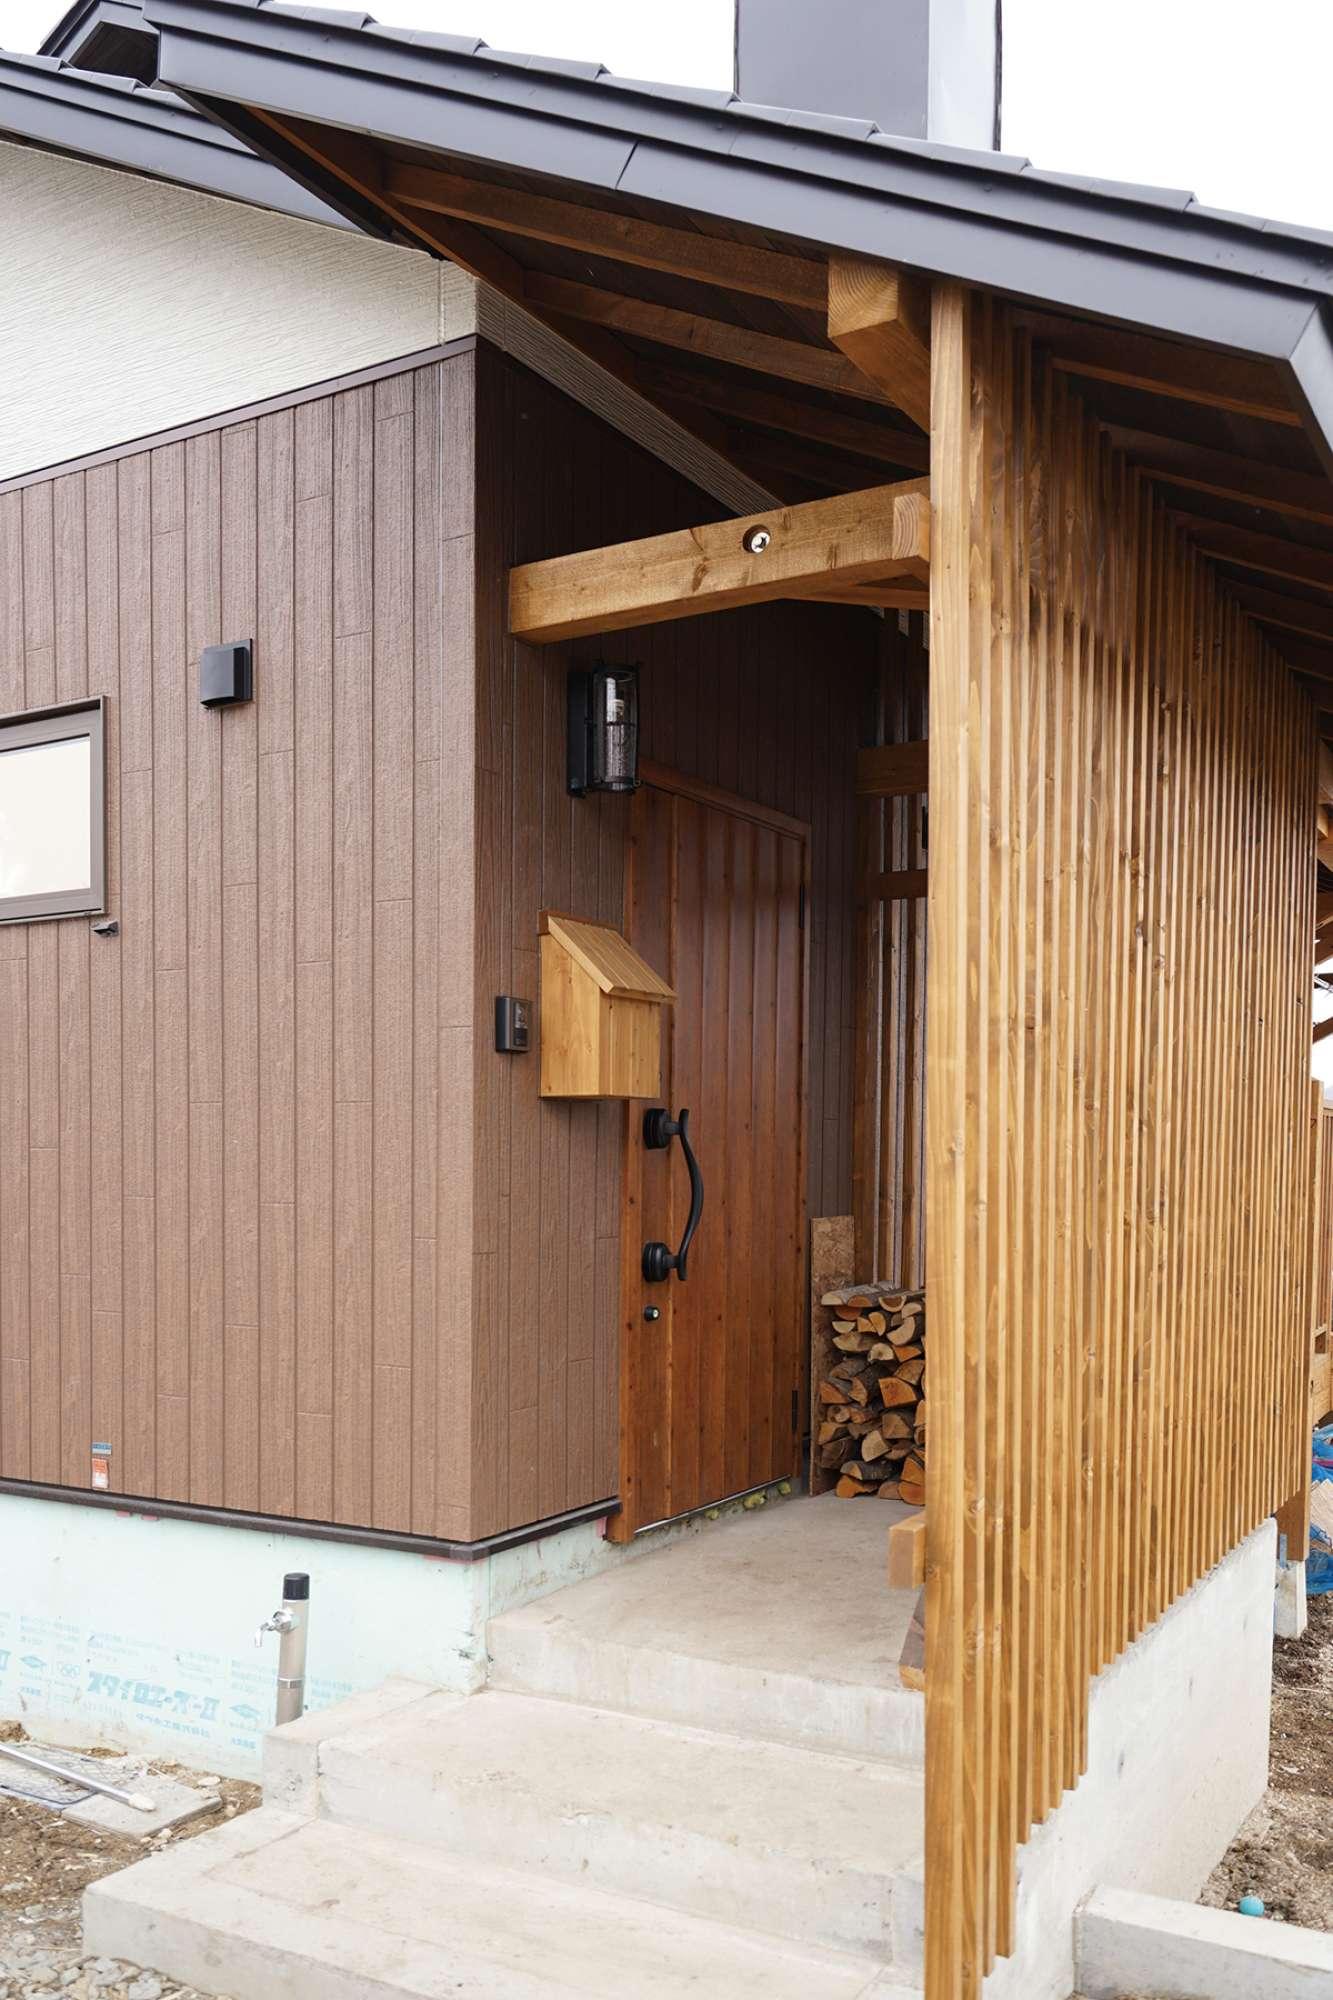 玄関ポーチ。木製縦格子ルーバーを設置 -  -  -